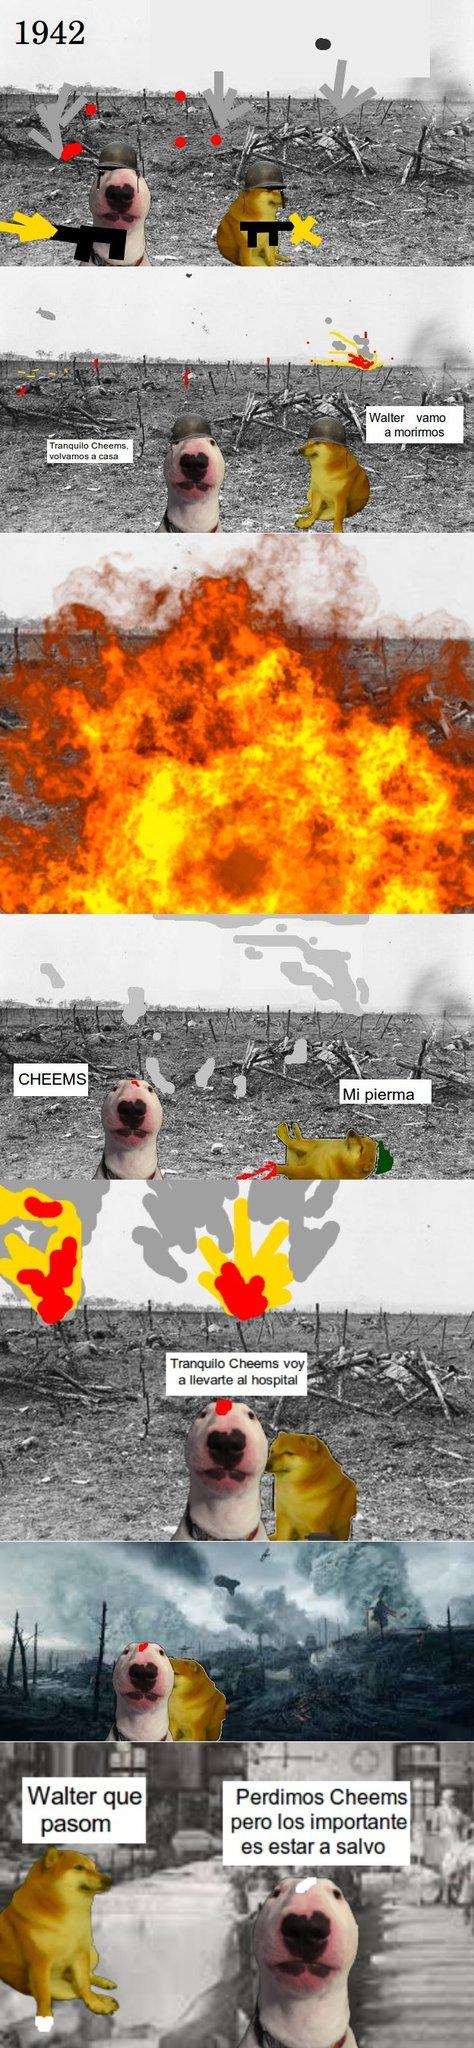 Guerra de cheems - meme